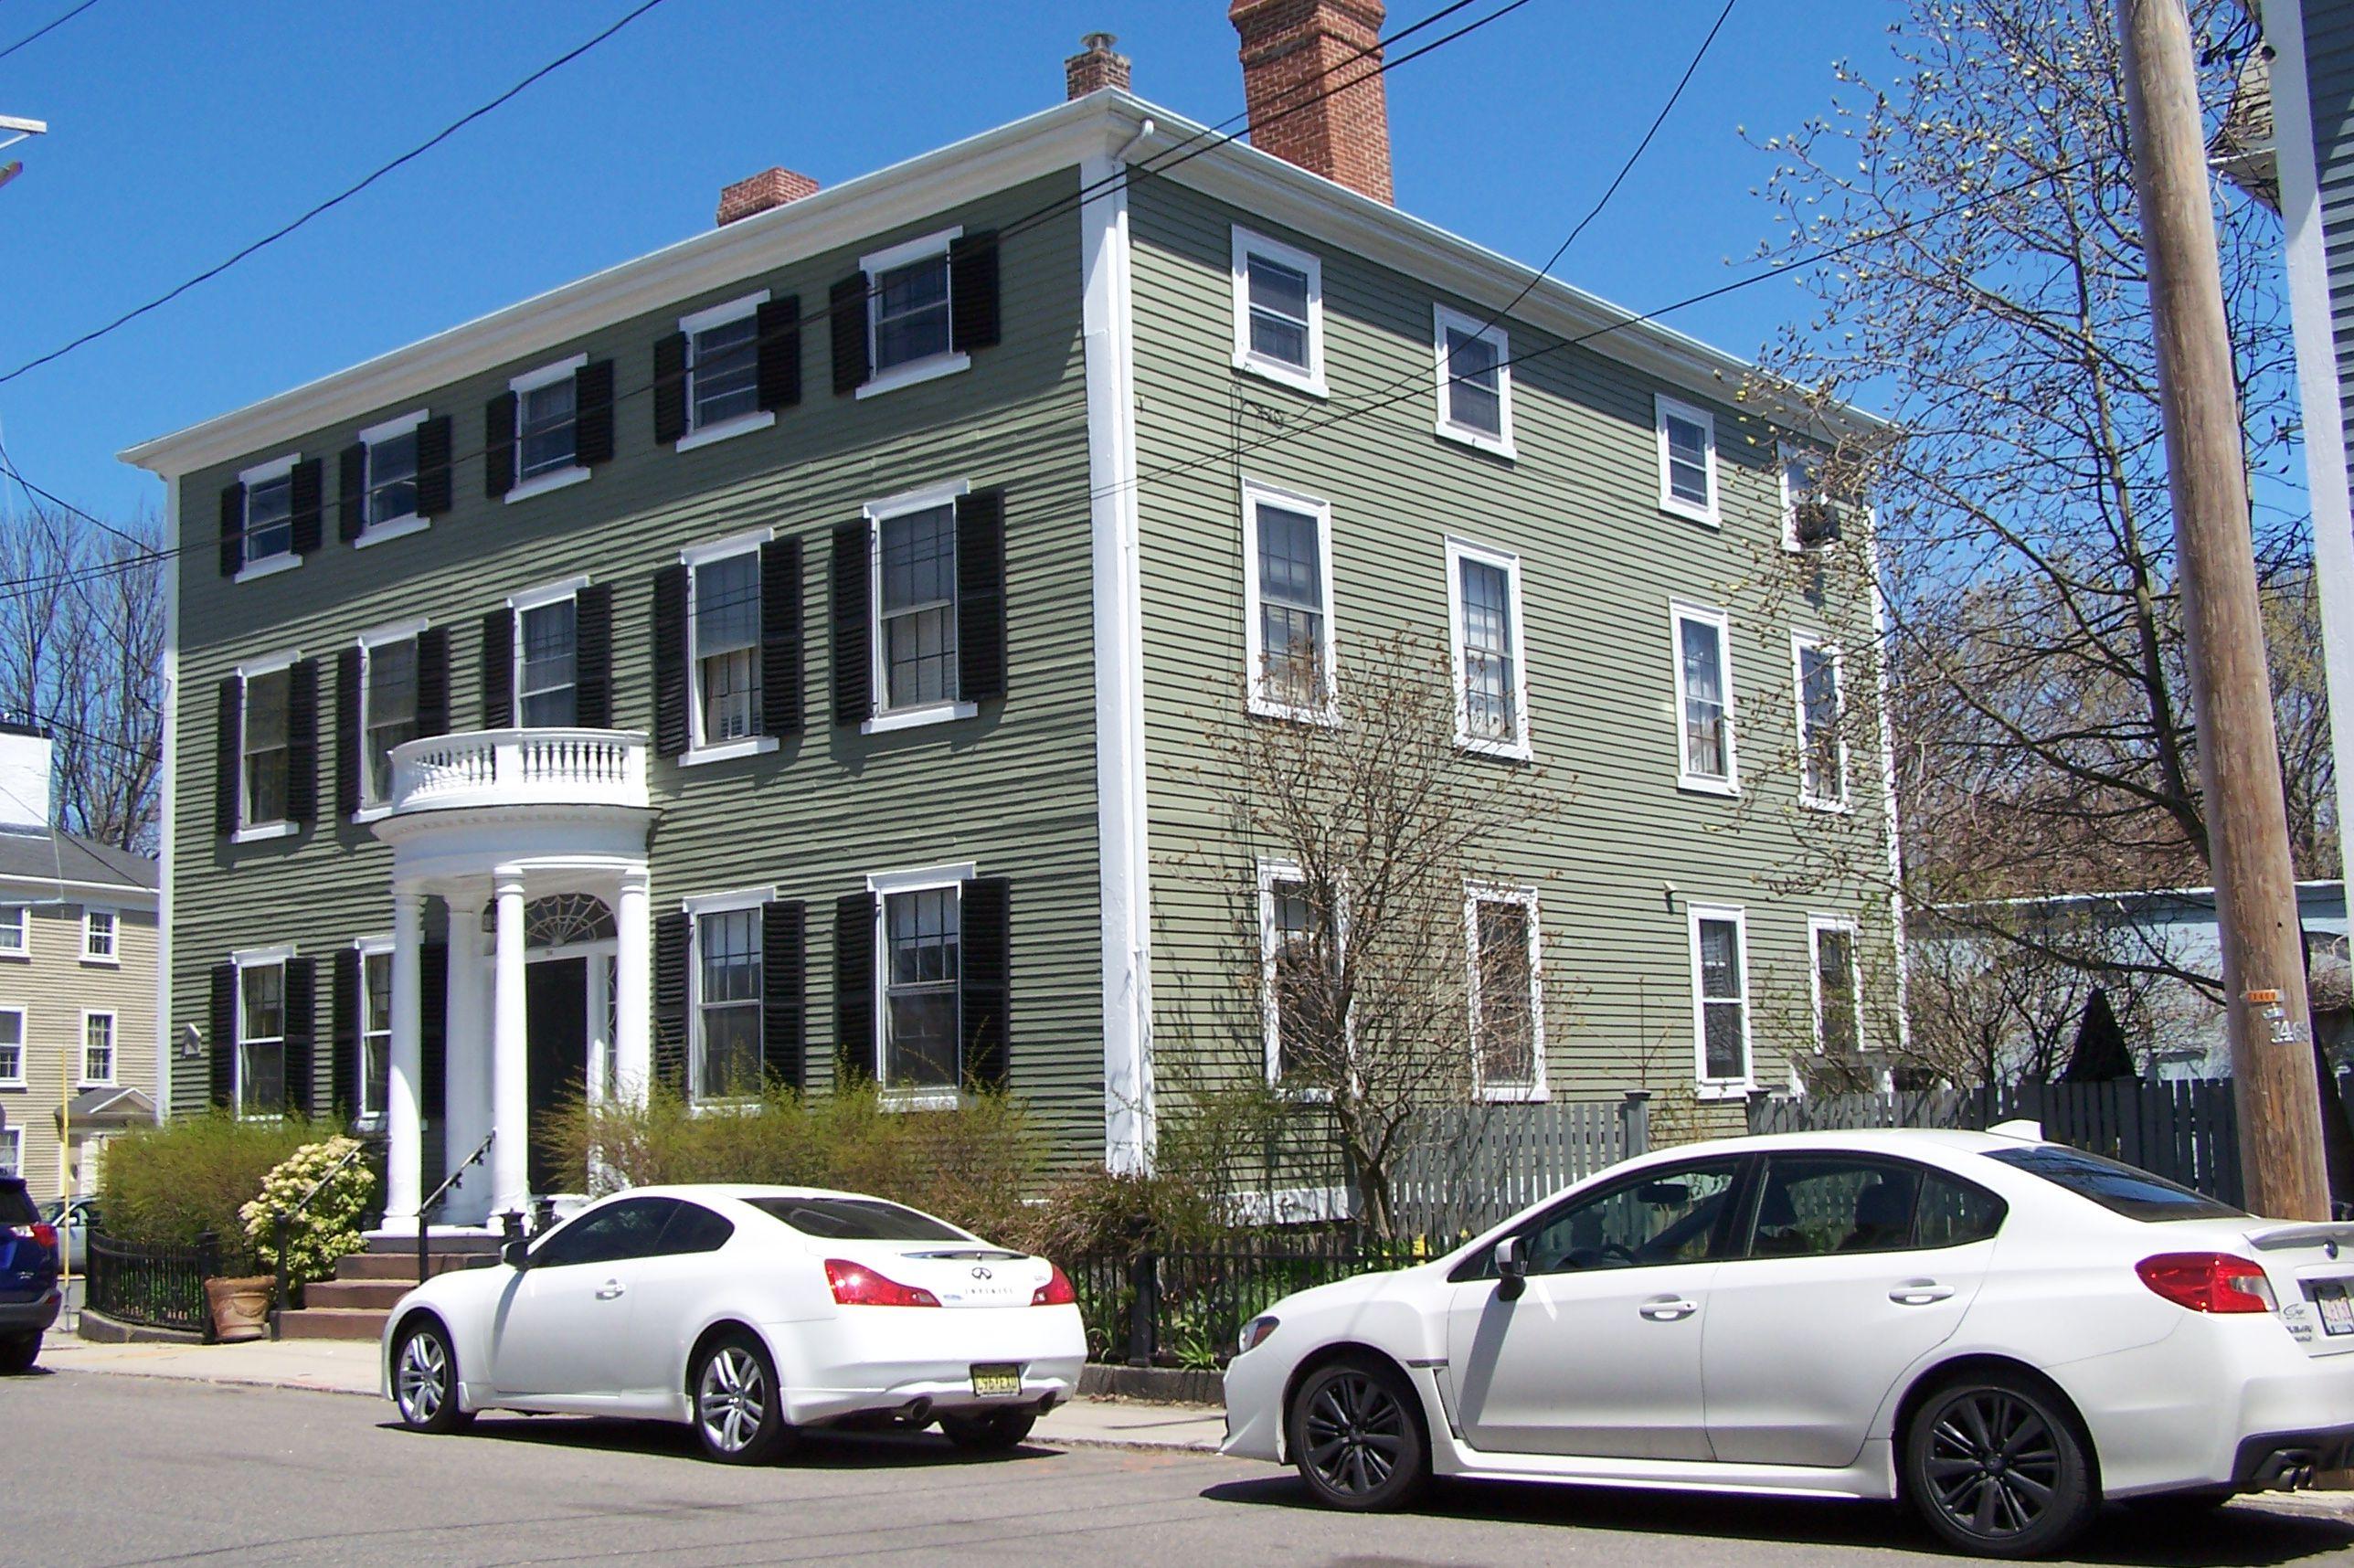 Gran casa colonial verde de 2 1/2 pisos en New Inglaterra, con techo plano, pórtico de entrada de un piso y persianas delanteras pero no laterales entrada frontal con ventanas y puertas arqueadas